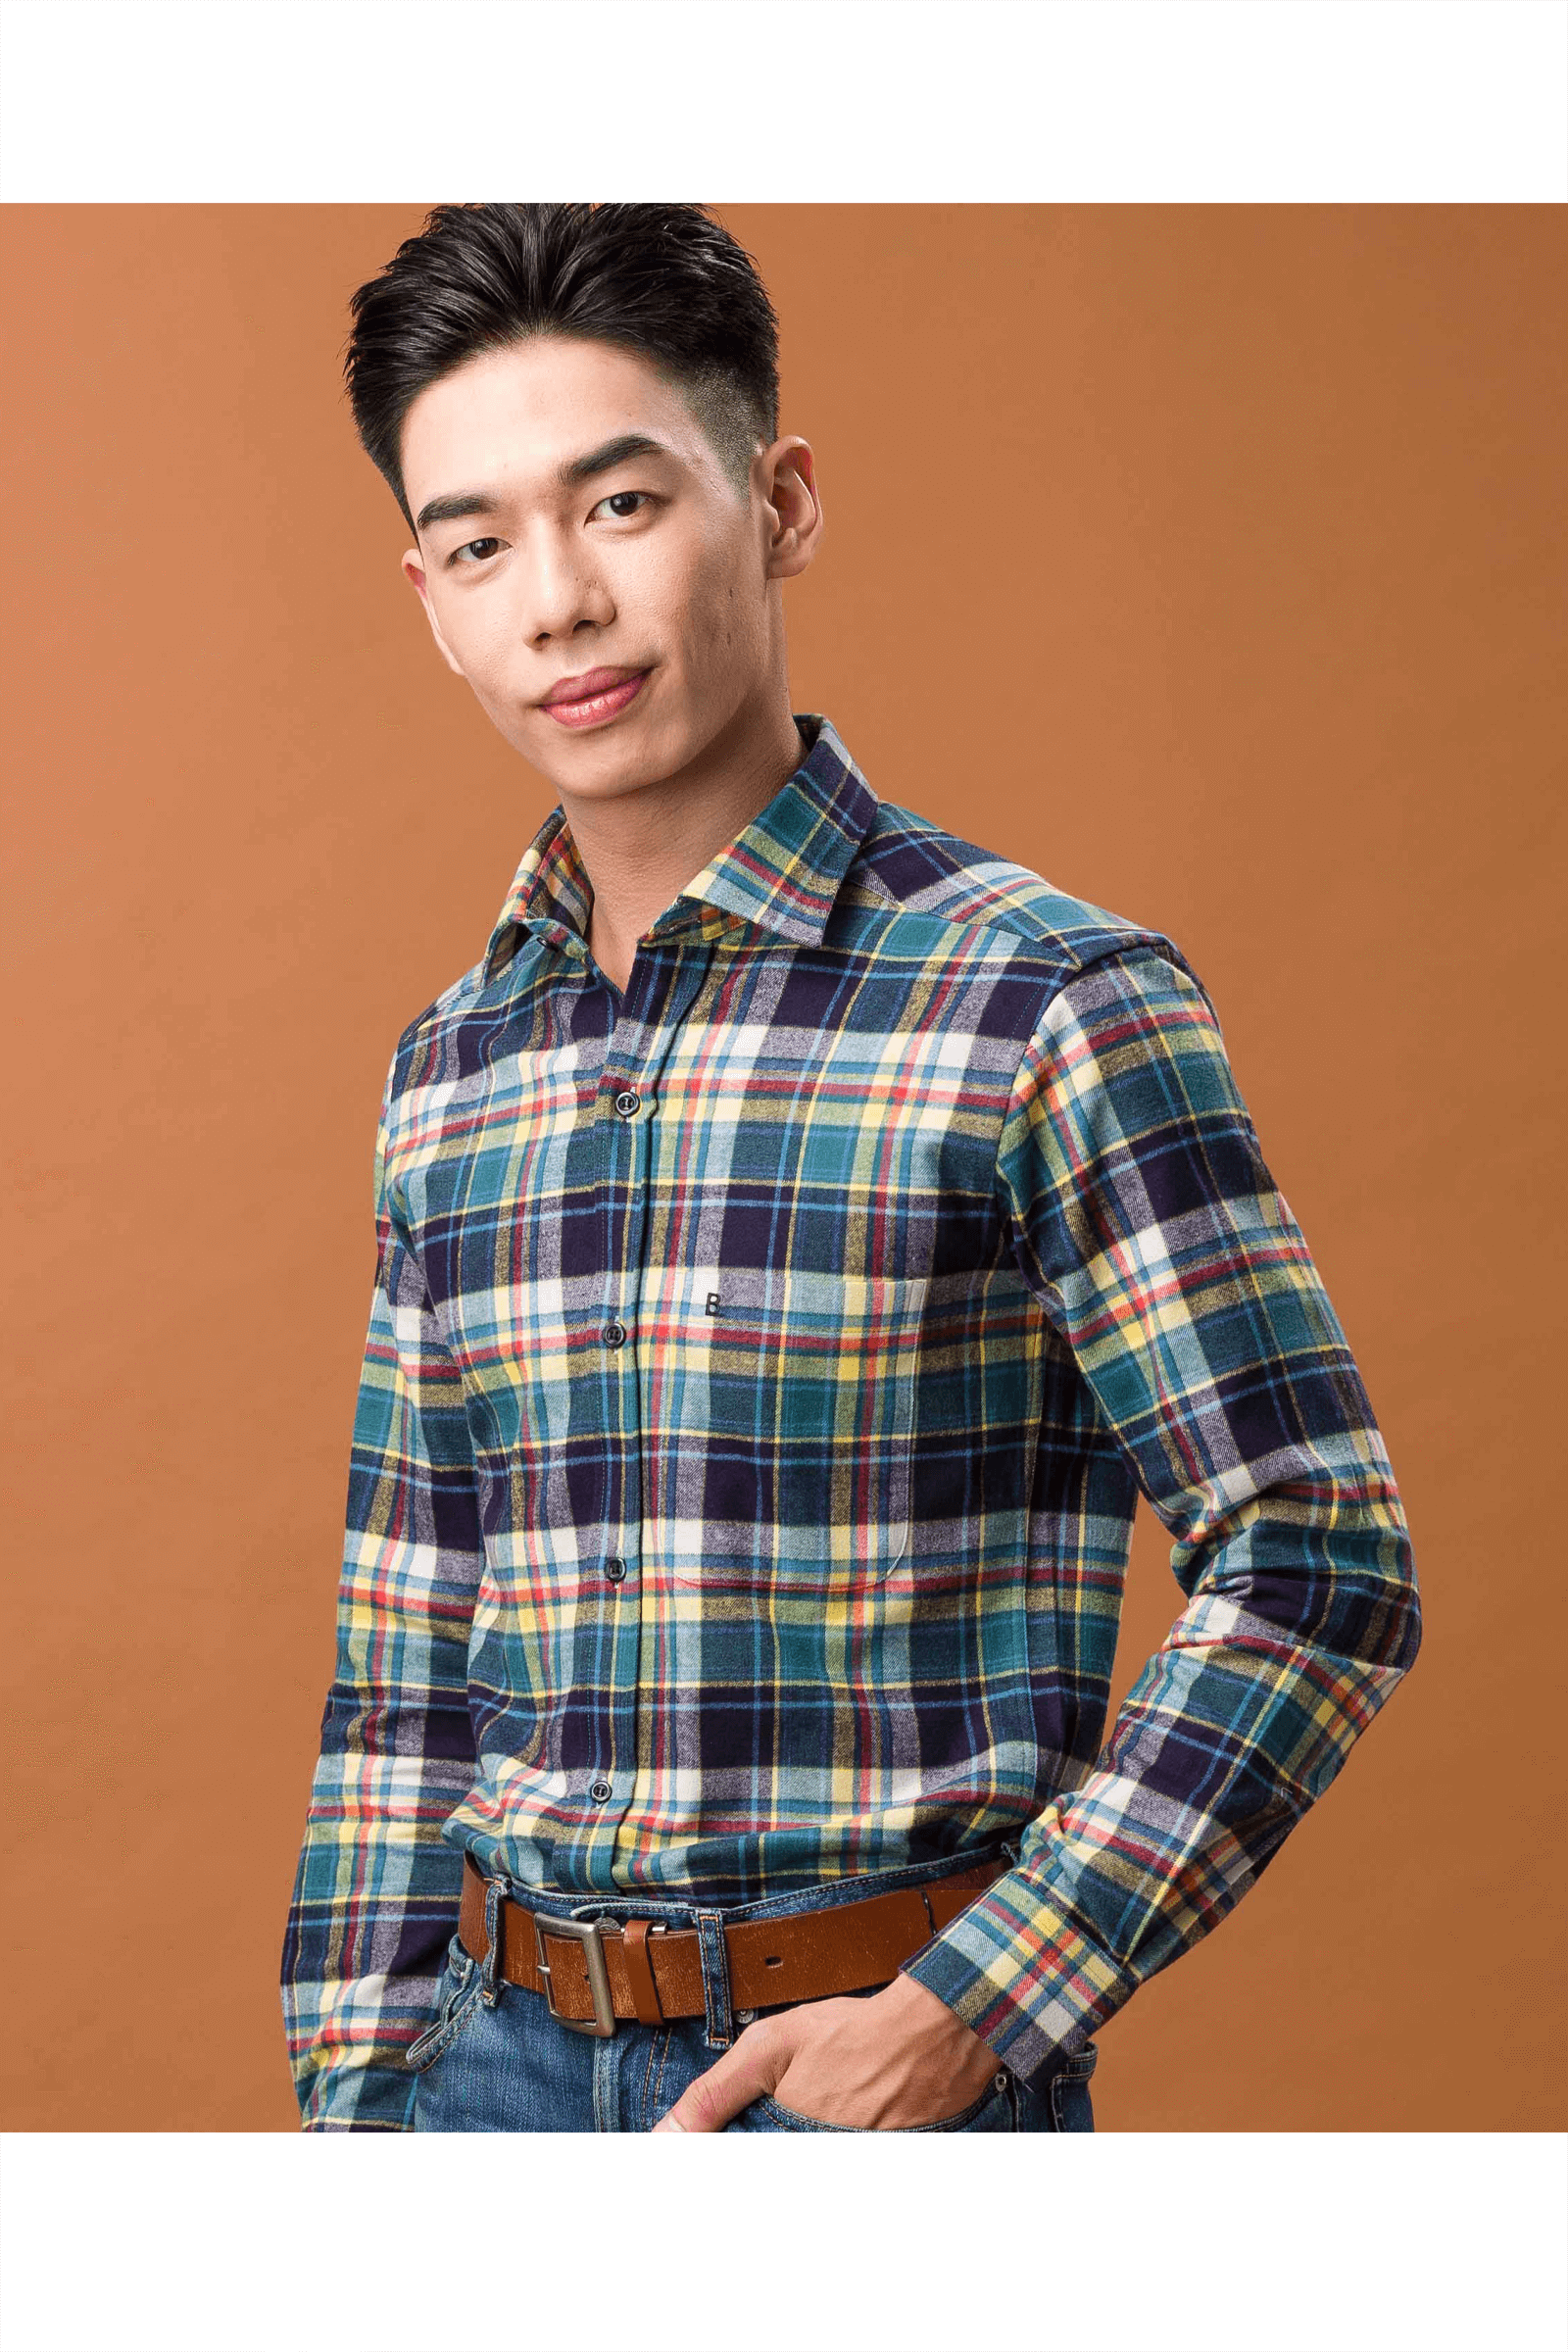 磨毛純棉長袖襯衫(綠黃格)/ 舒適保暖/修身